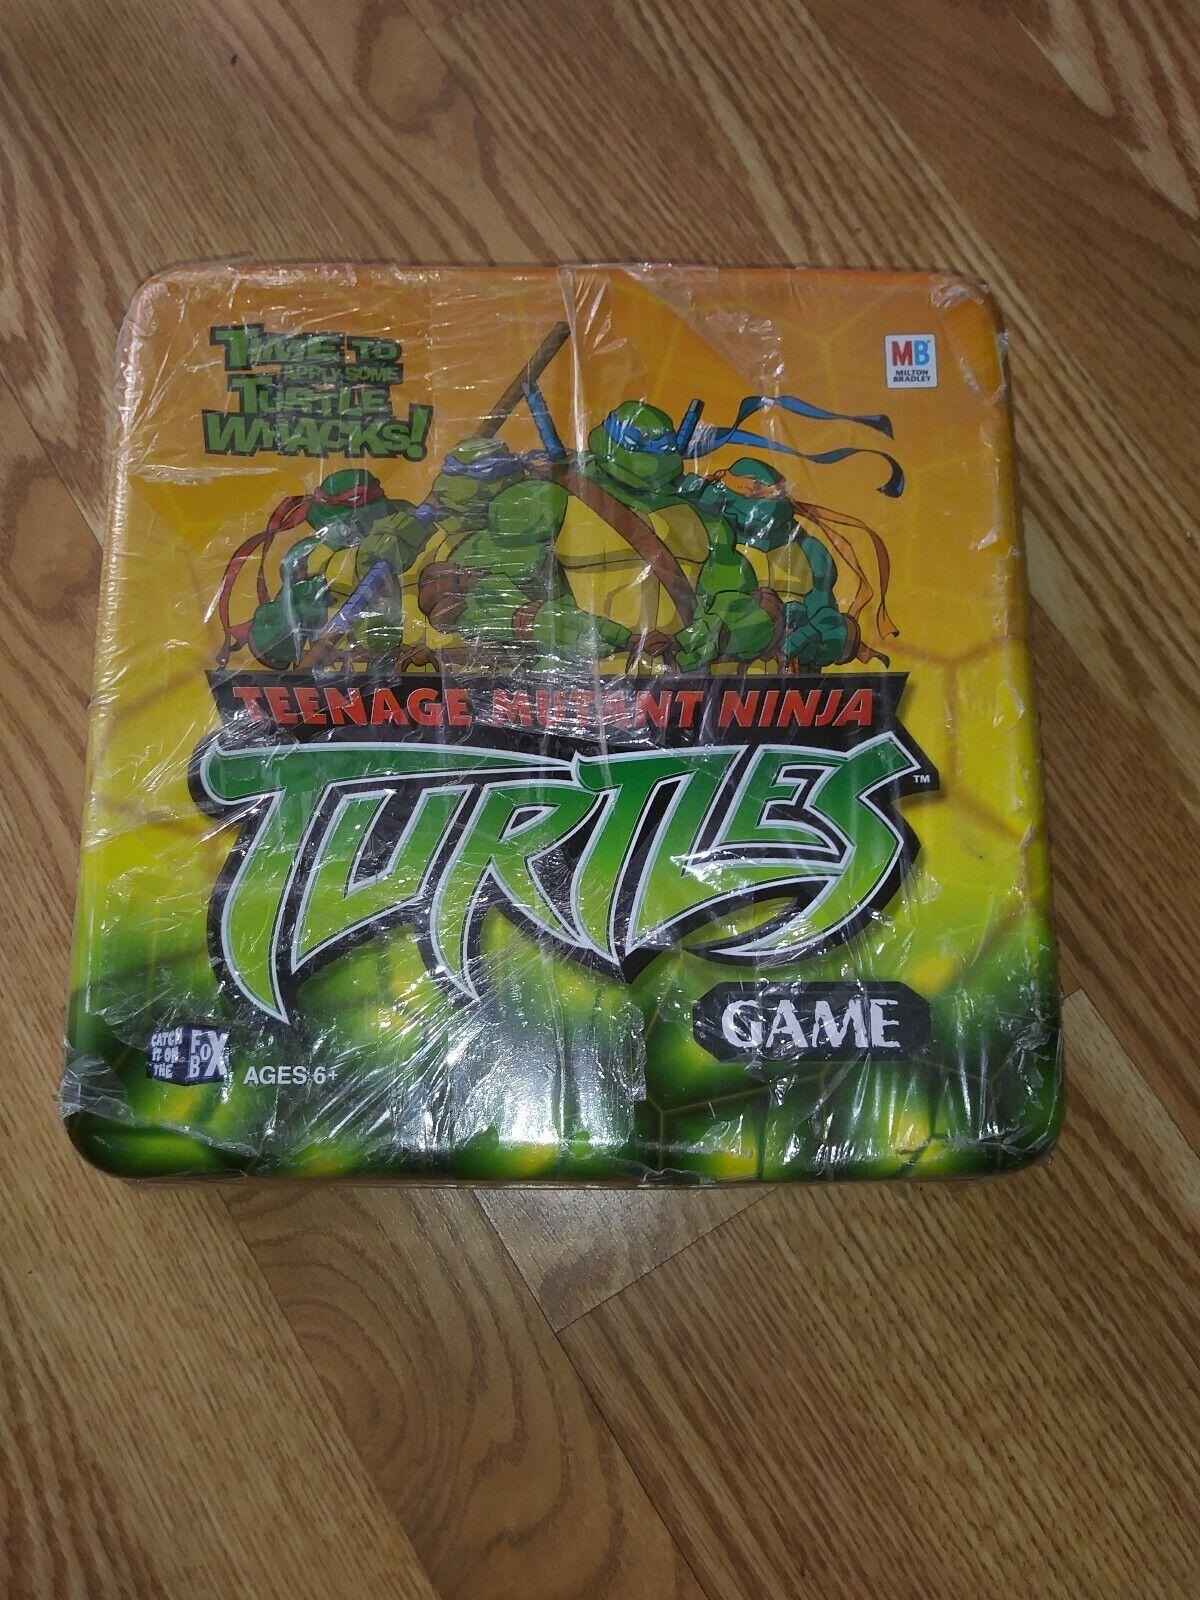 Teenage Mutant Ninja Turtles Board Game 2003. NEUF dans emballage